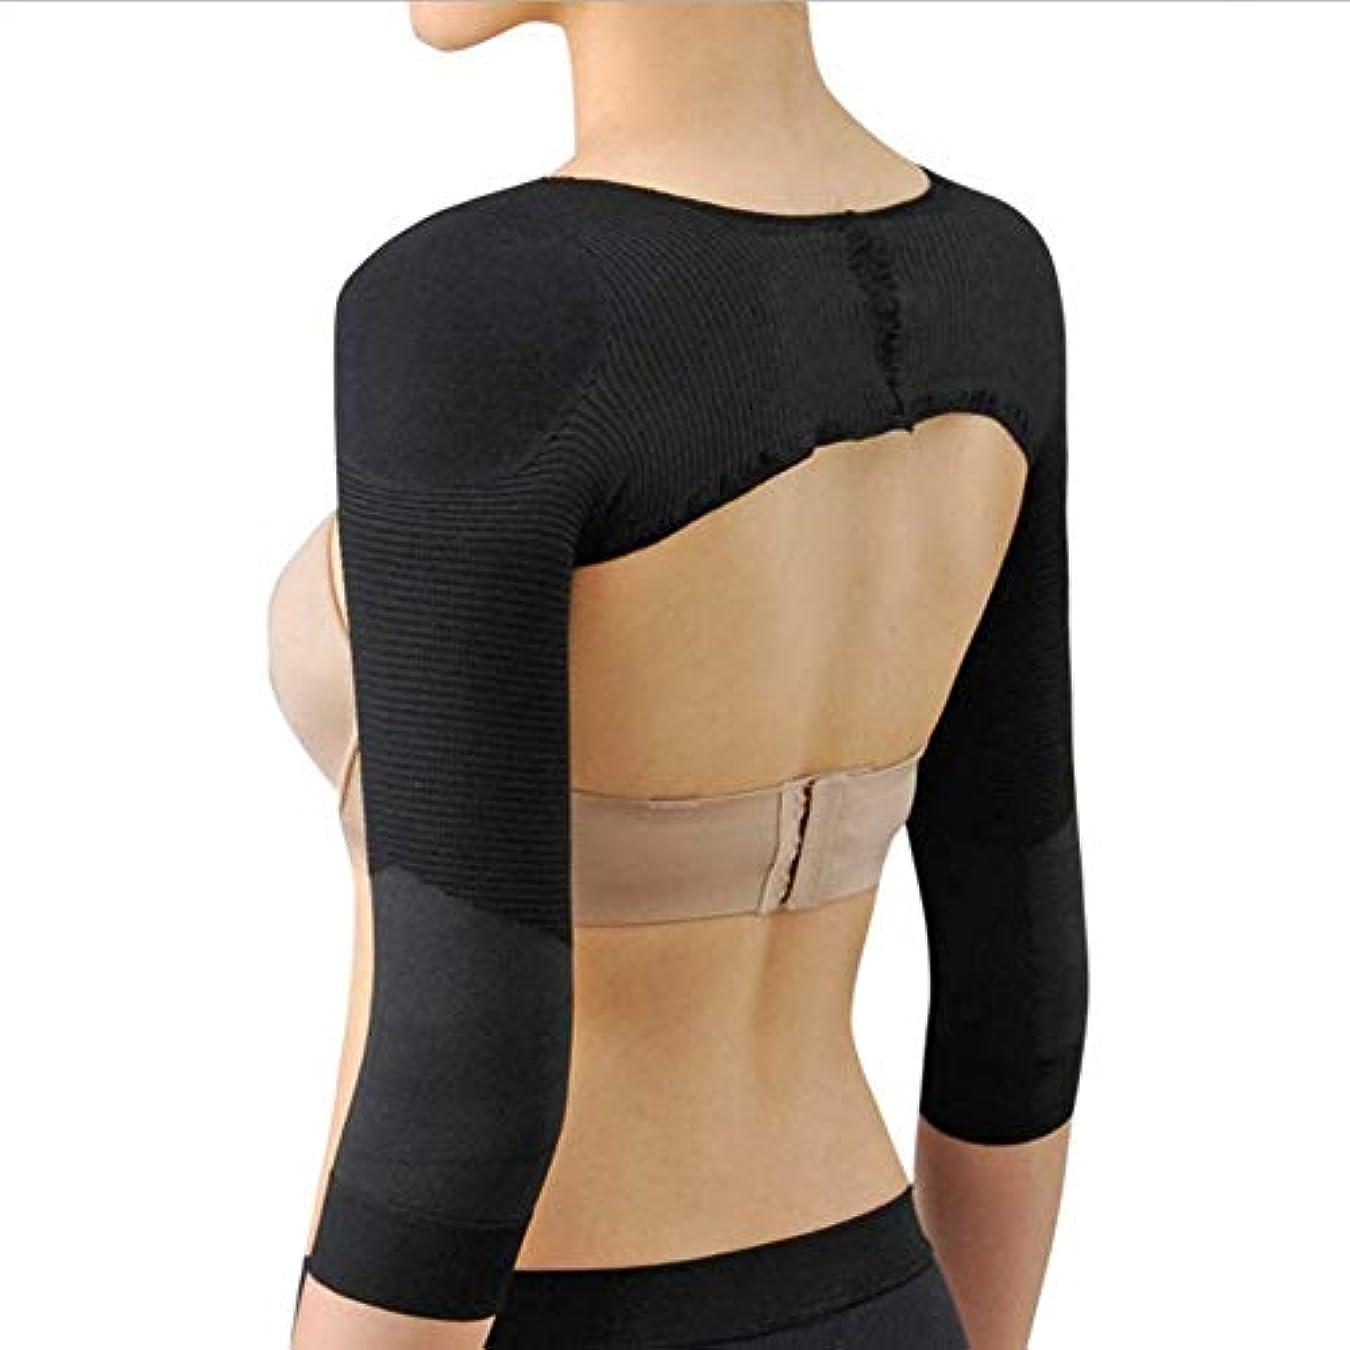 二の腕 シェイプケア 姿勢 矯正 補正下着 補正インナー 二の腕痩せ 二の腕シェイパー (黒, XL)